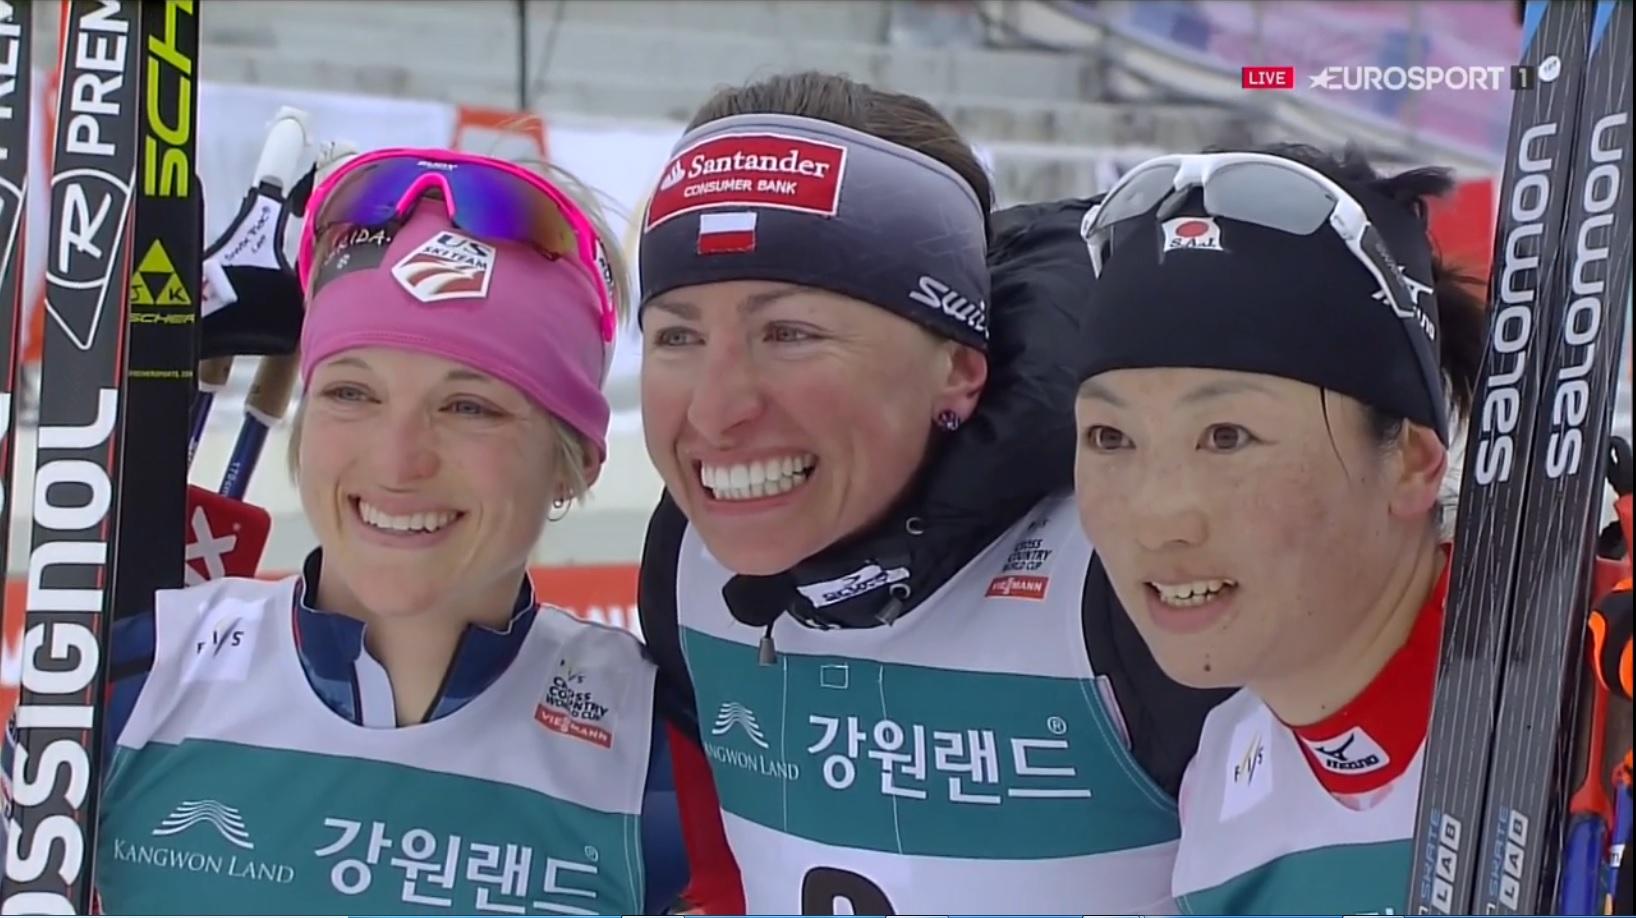 Житель россии Седов победил вскиатлоне наэтапе Кубка мира полыжным гонкам